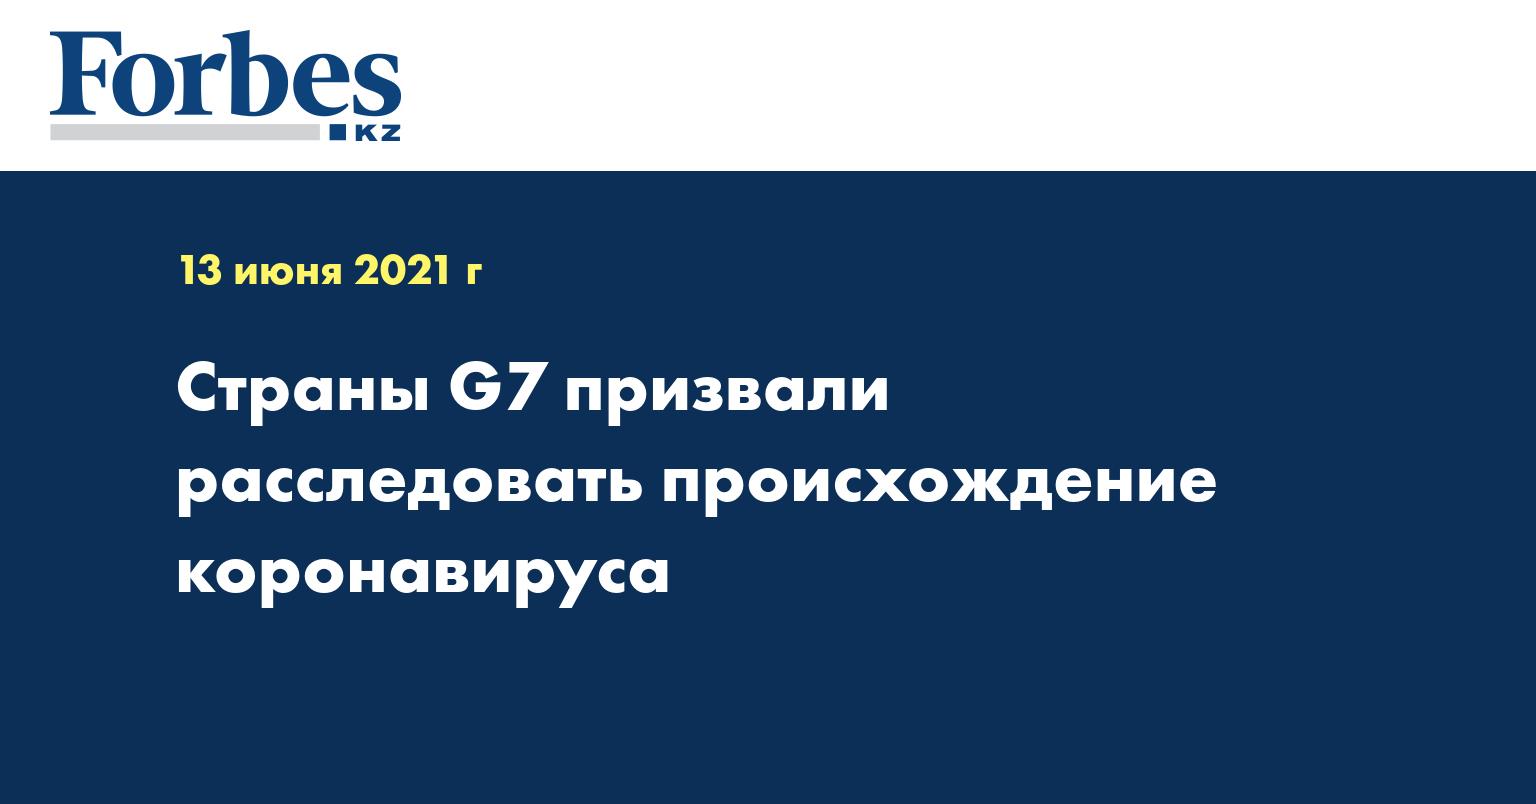 Страны G7 призвали расследовать происхождение коронавируса